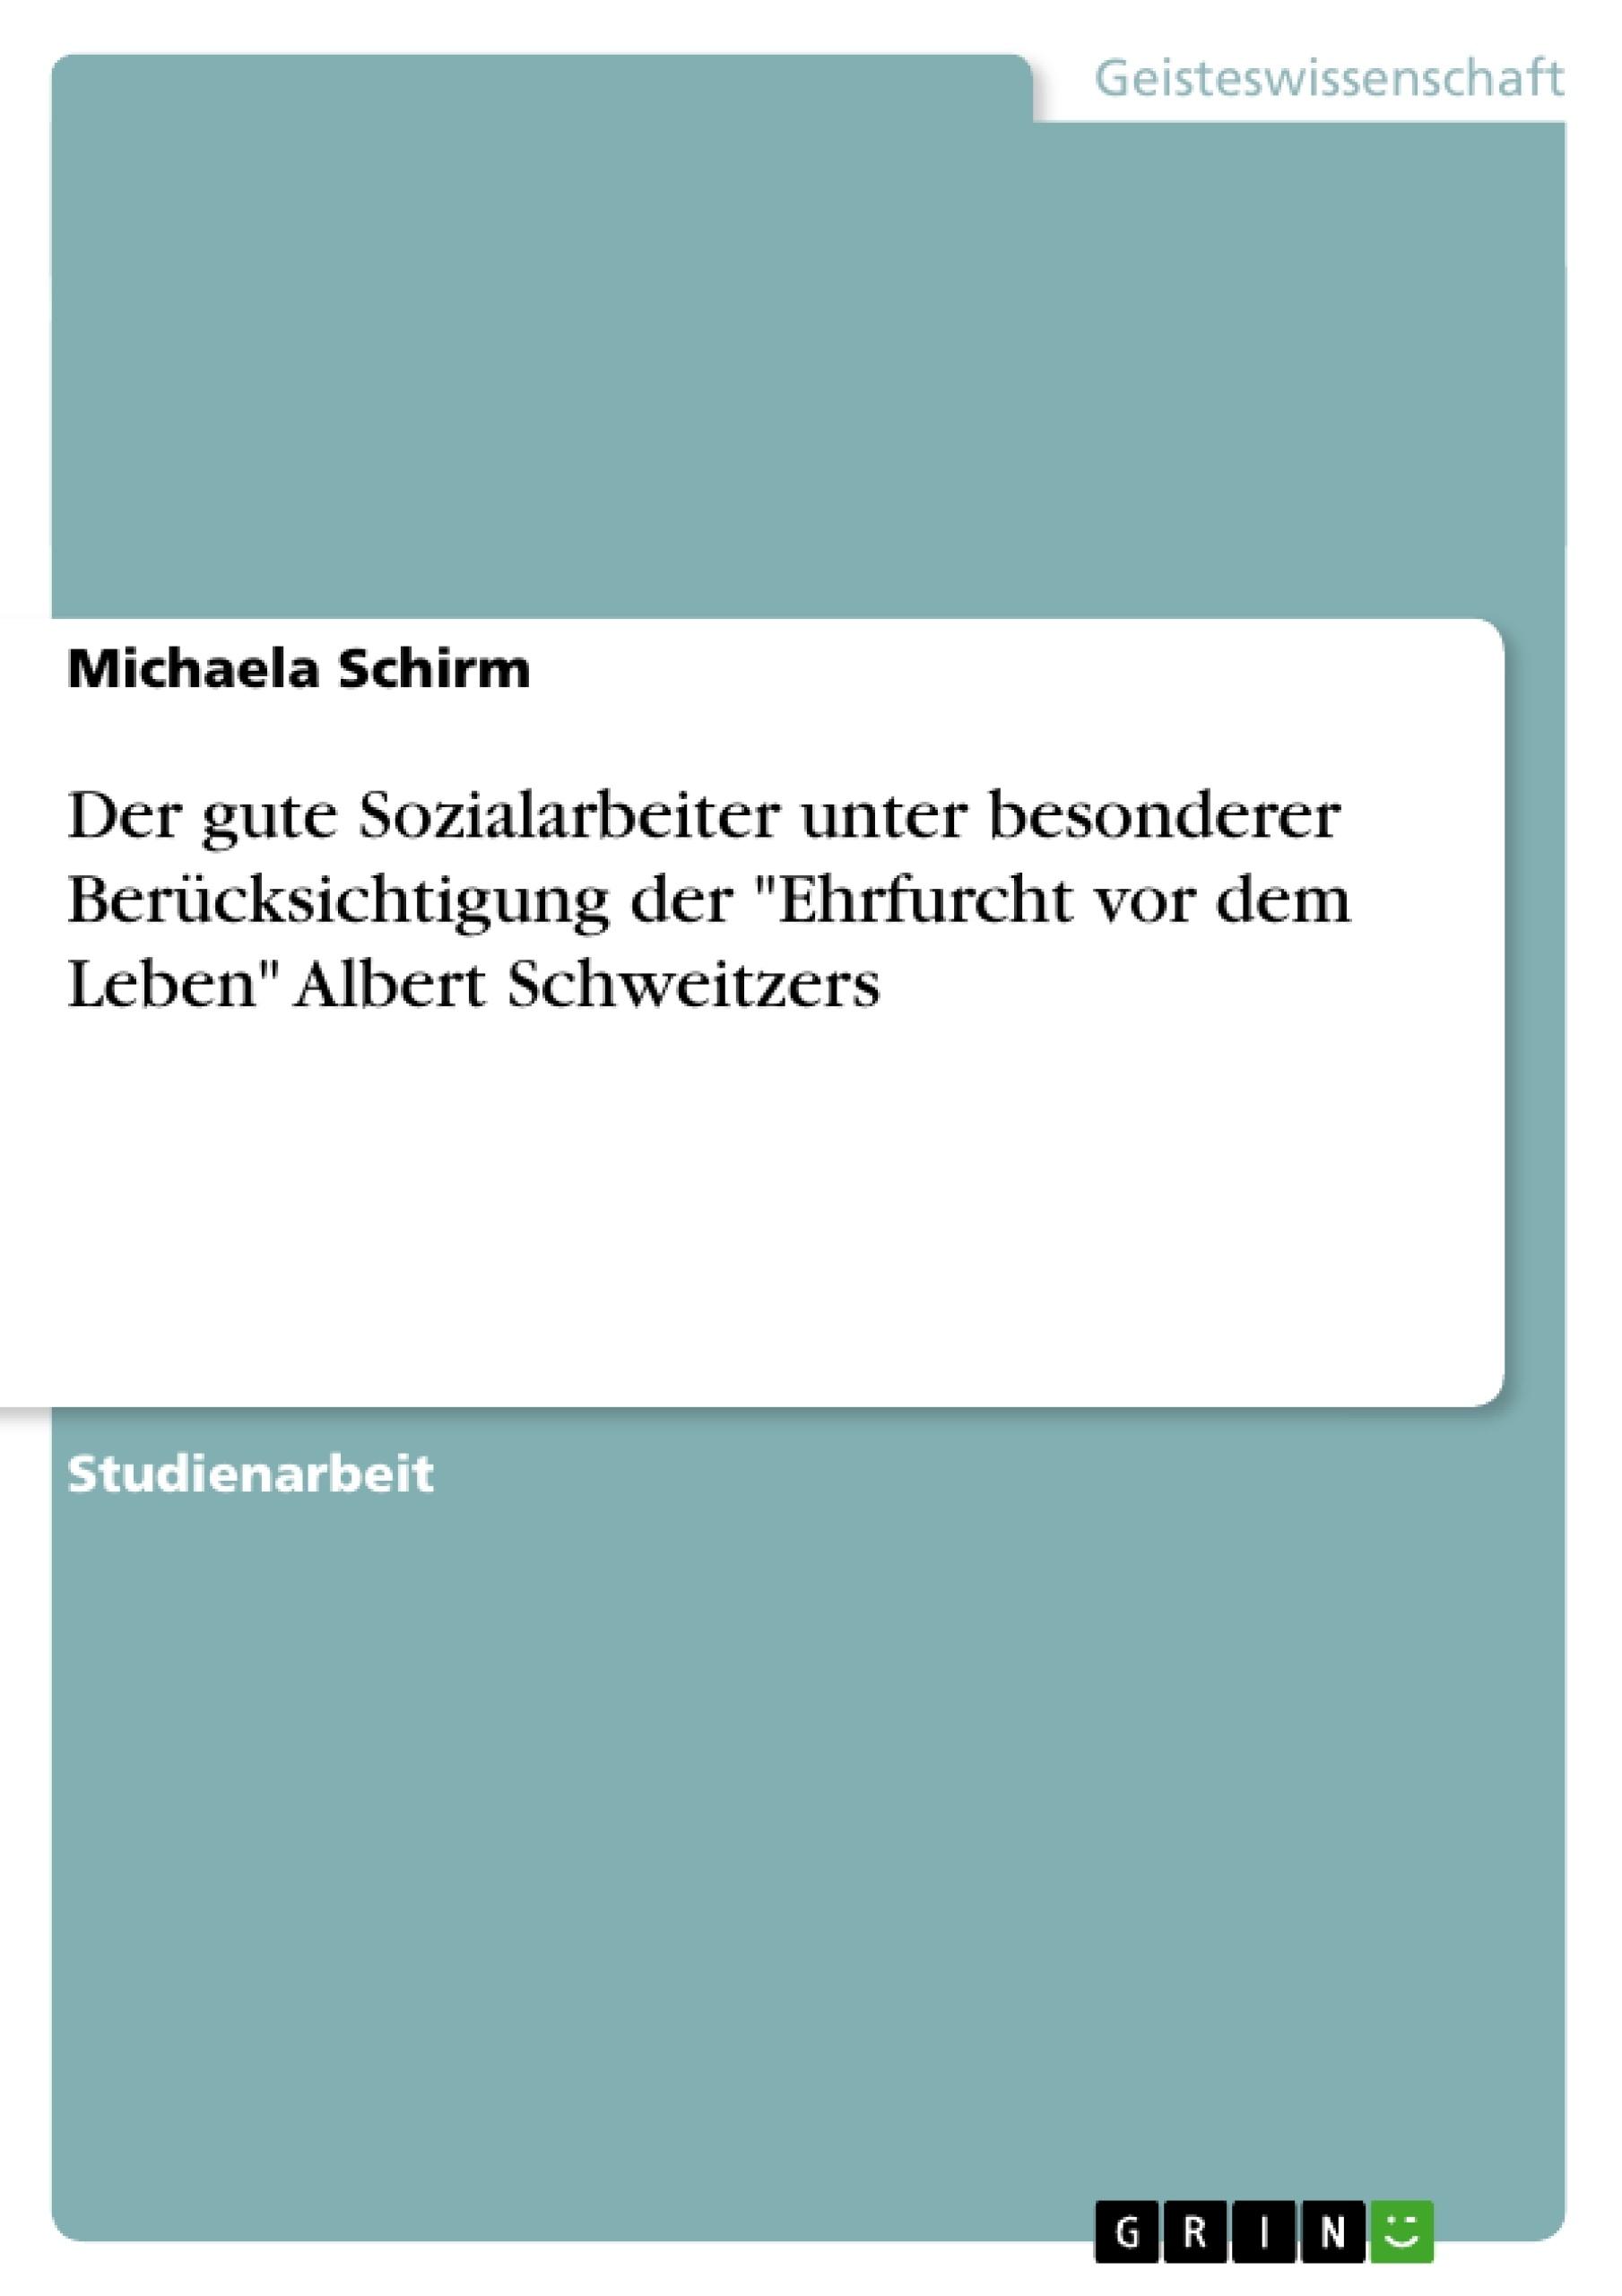 """Titel: Der gute Sozialarbeiter unter besonderer Berücksichtigung der """"Ehrfurcht vor dem Leben"""" Albert Schweitzers"""